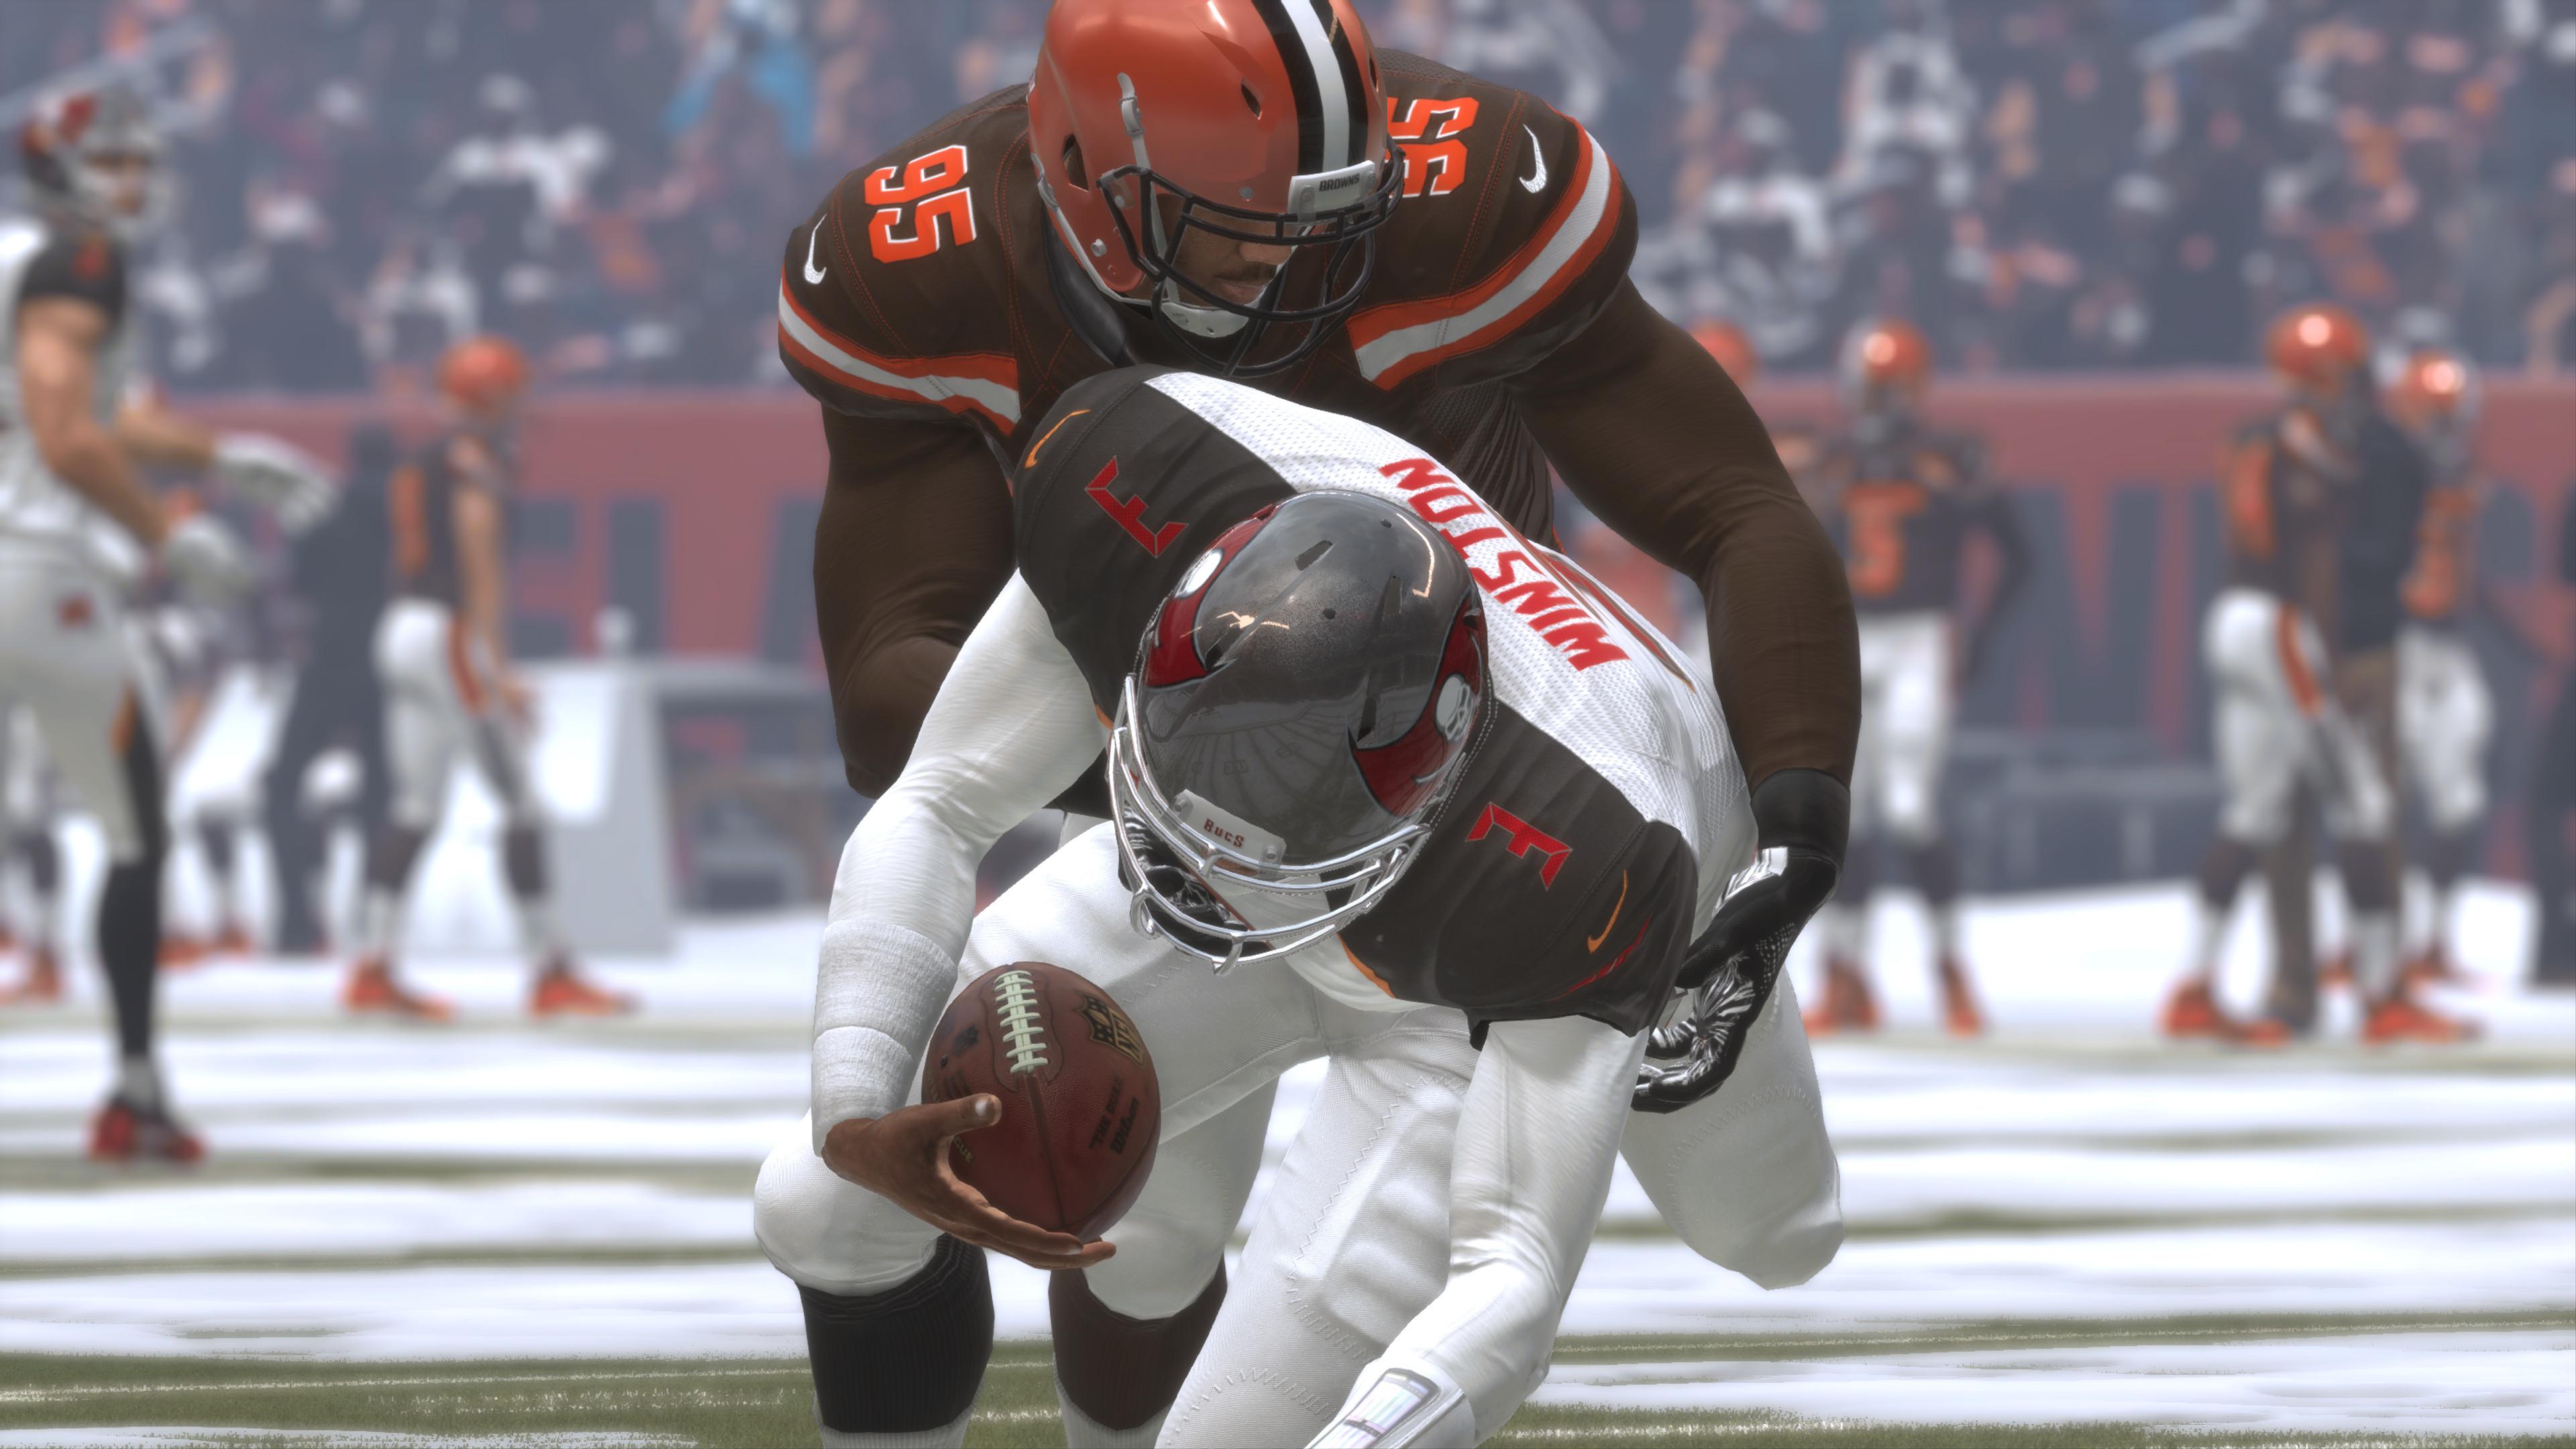 Madden NFL 19 Myles Garrett